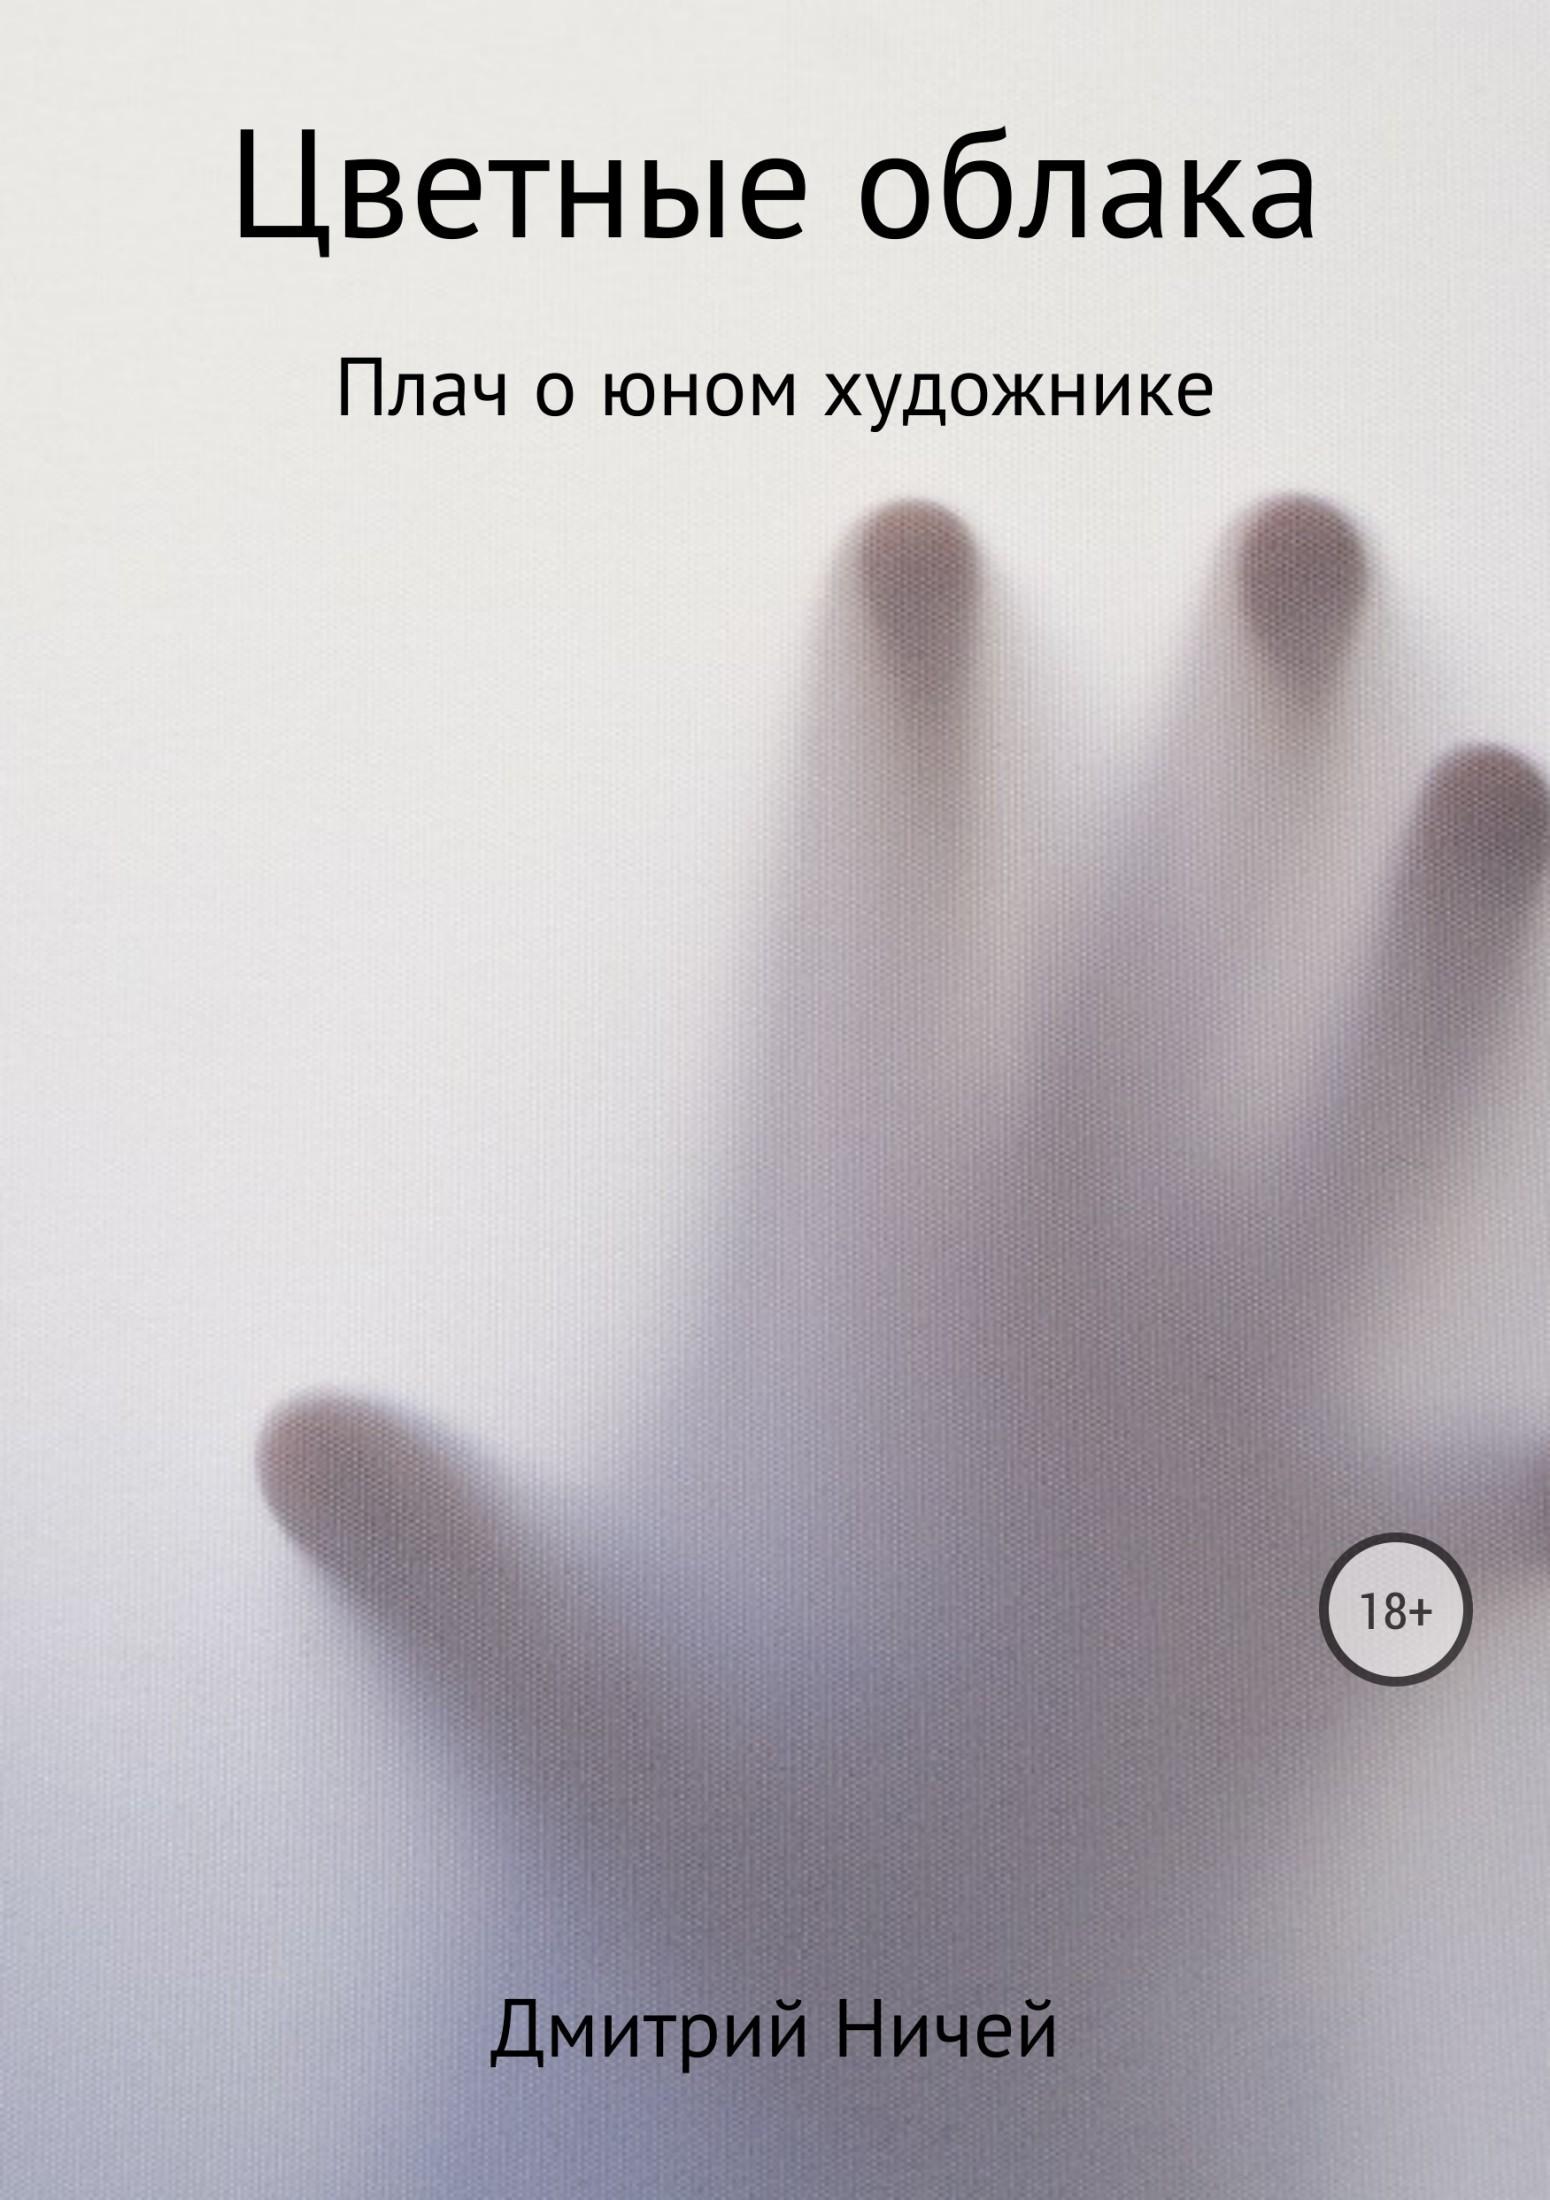 Дмитрий Ничей Цветные облака дмитрий ничей мудрость в пыли книга вторая острая душевная недостаточность